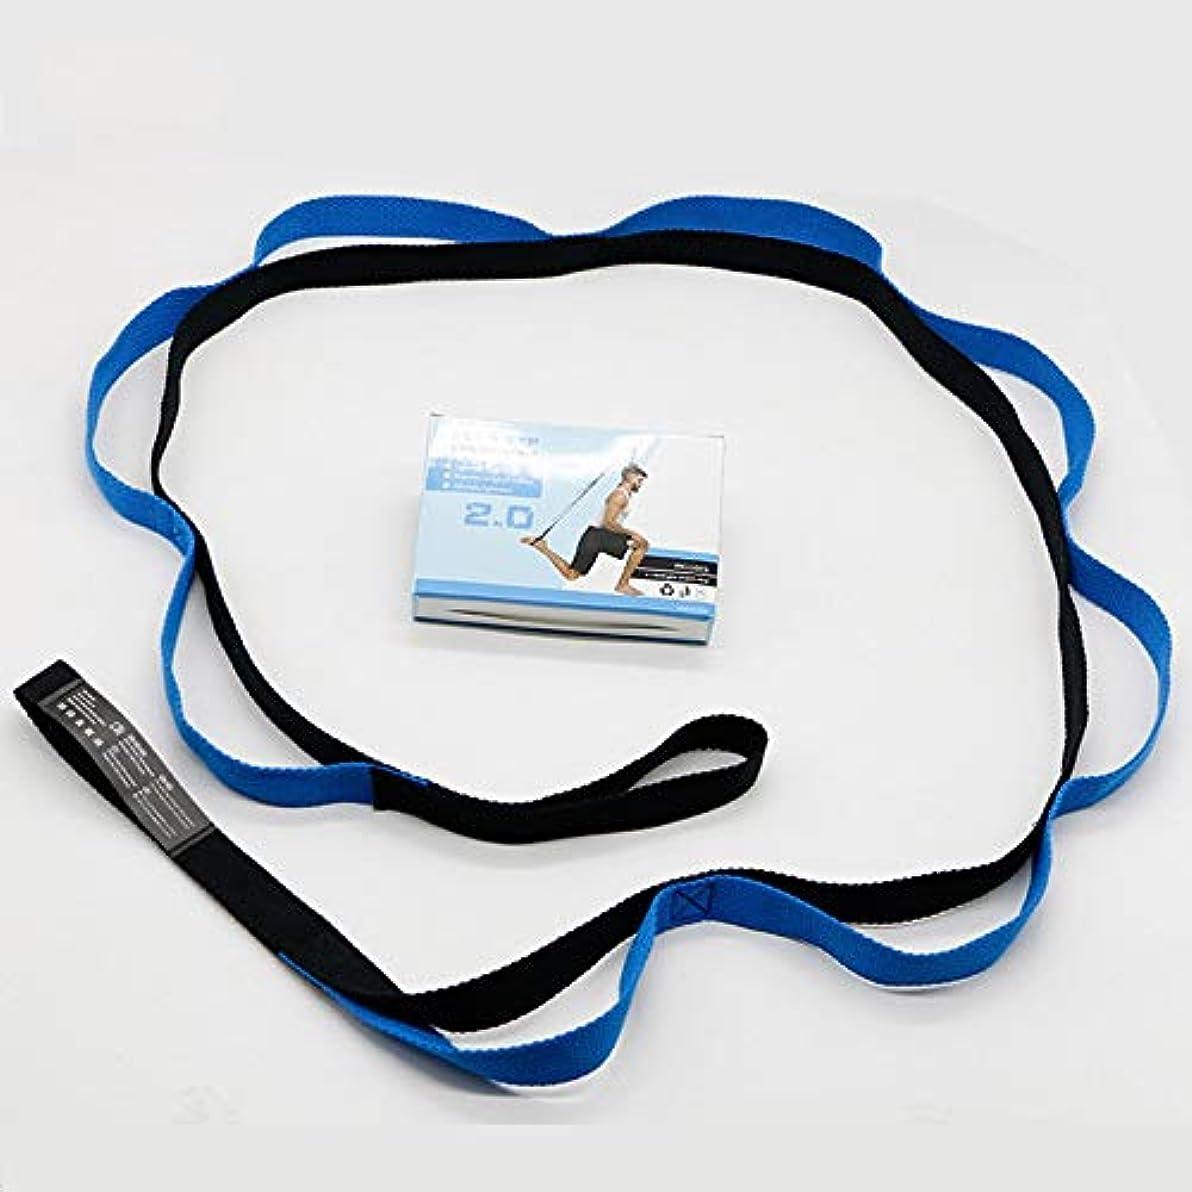 バイバイ優れました人道的フィットネスエクササイズジムヨガストレッチアウトストラップ弾性ベルトウエストレッグアームエクステンションストラップベルトスポーツユニセックストレーニングベルトバンド - ブルー&ブラック